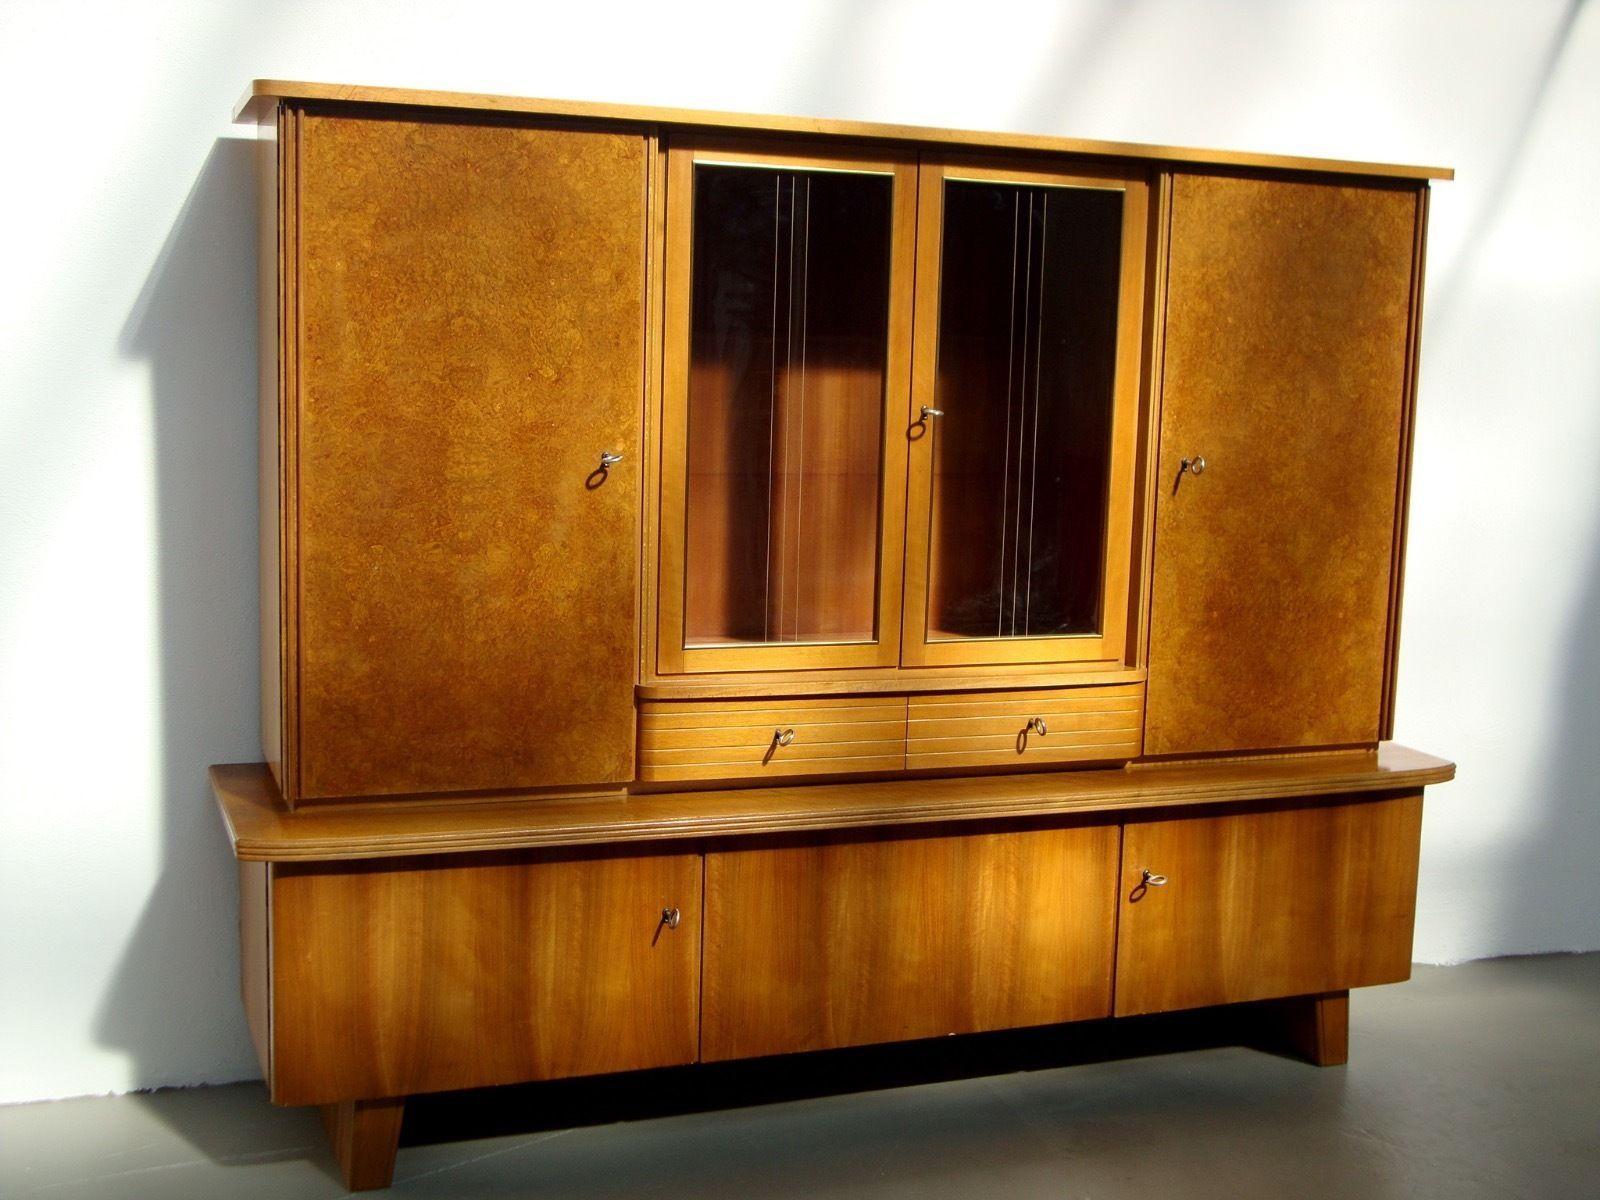 Bezaubernd Sideboard Vollholz Foto Von Küchenschrank Küchenbuffet Schrank Vintage Design 50er 60er